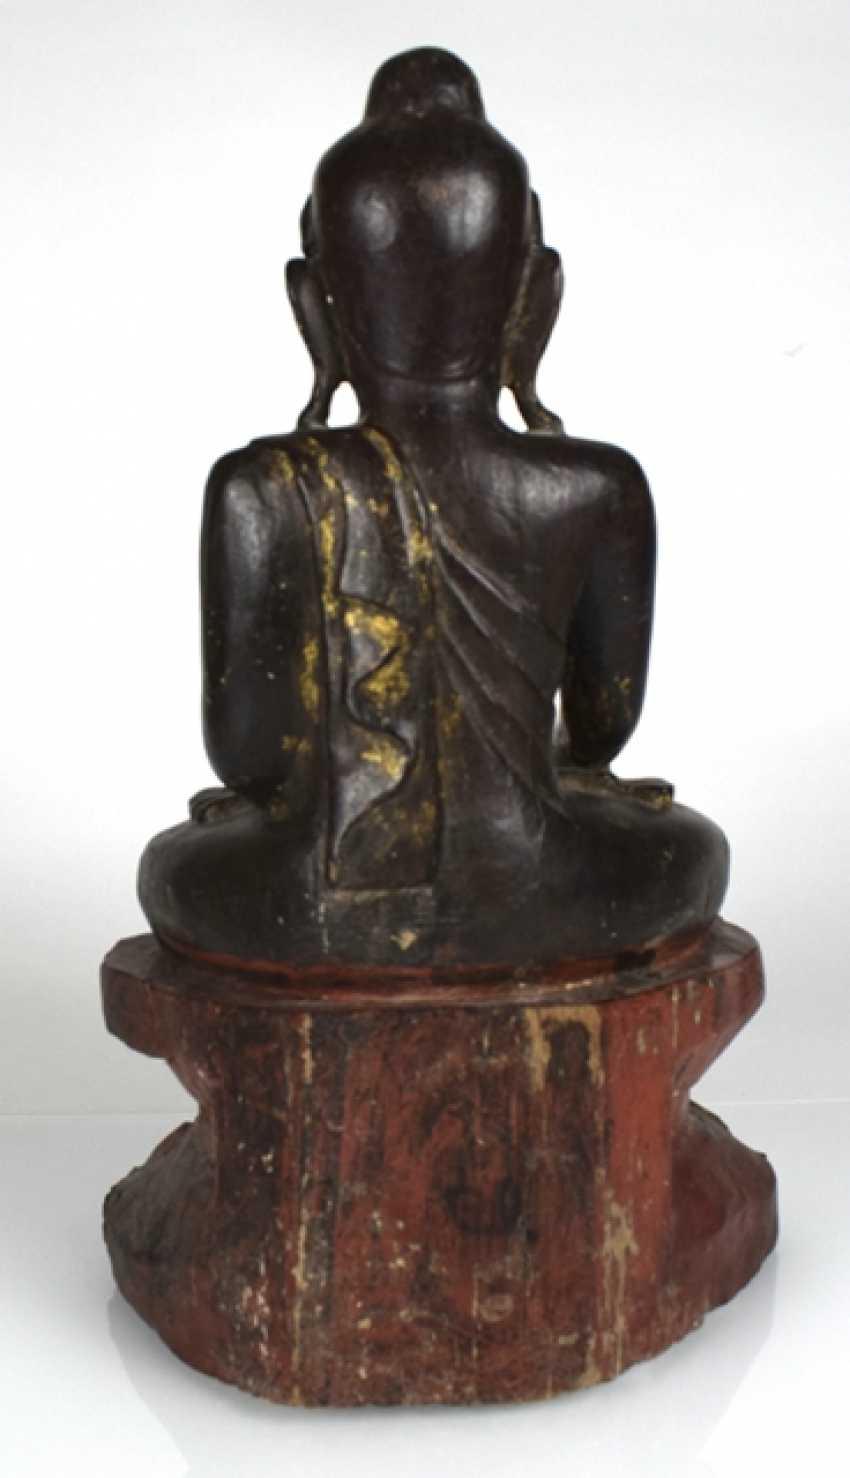 Wood figure of the seated Buddha Shakyamuni - photo 3